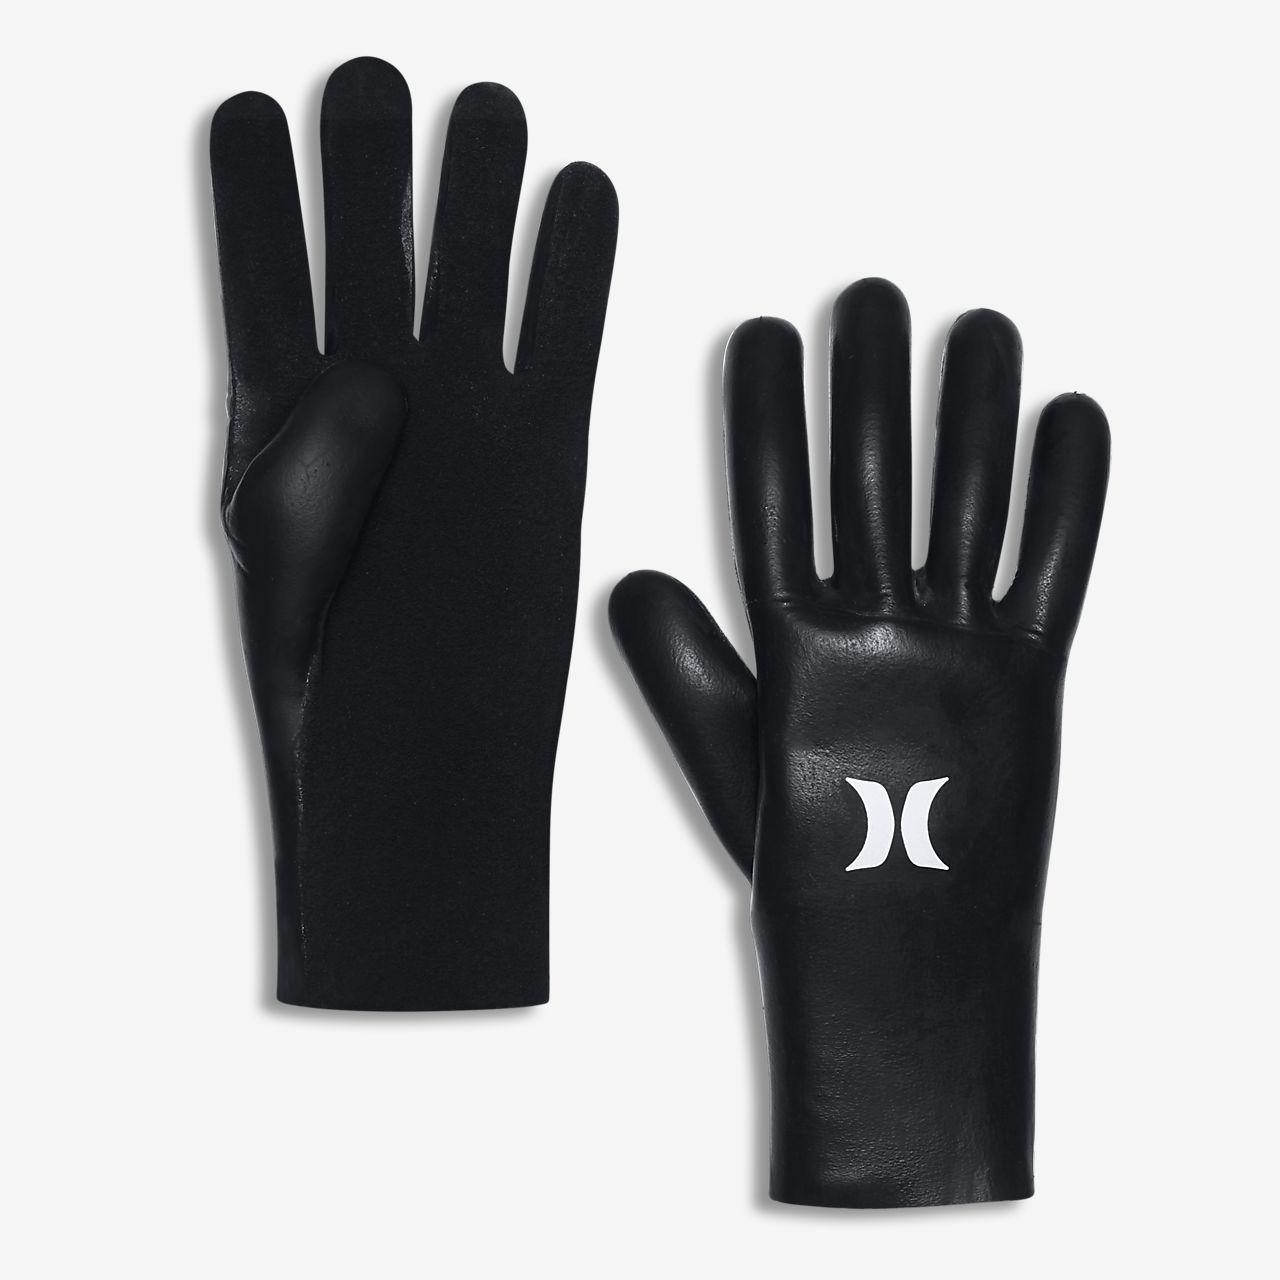 Guantes para traje de neopreno Hurley Advantage Plus 3 3mm. Nike.com MX d46c534edde